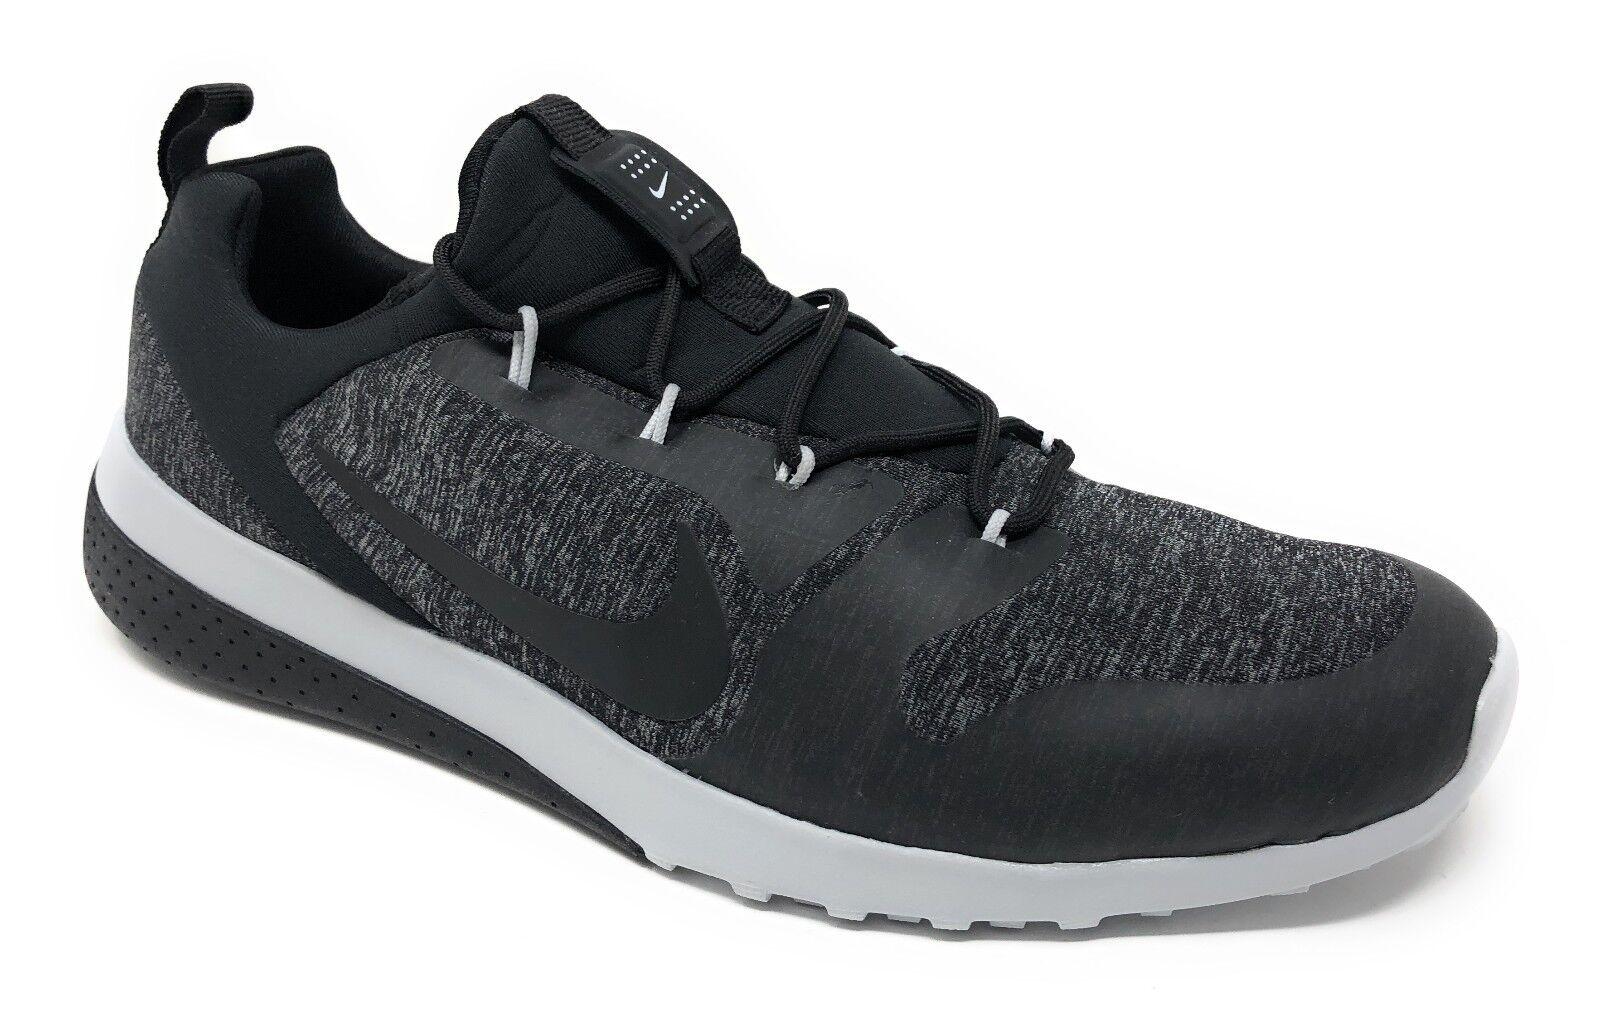 Nike CK Racer (916780-007) Men's Size 8.5